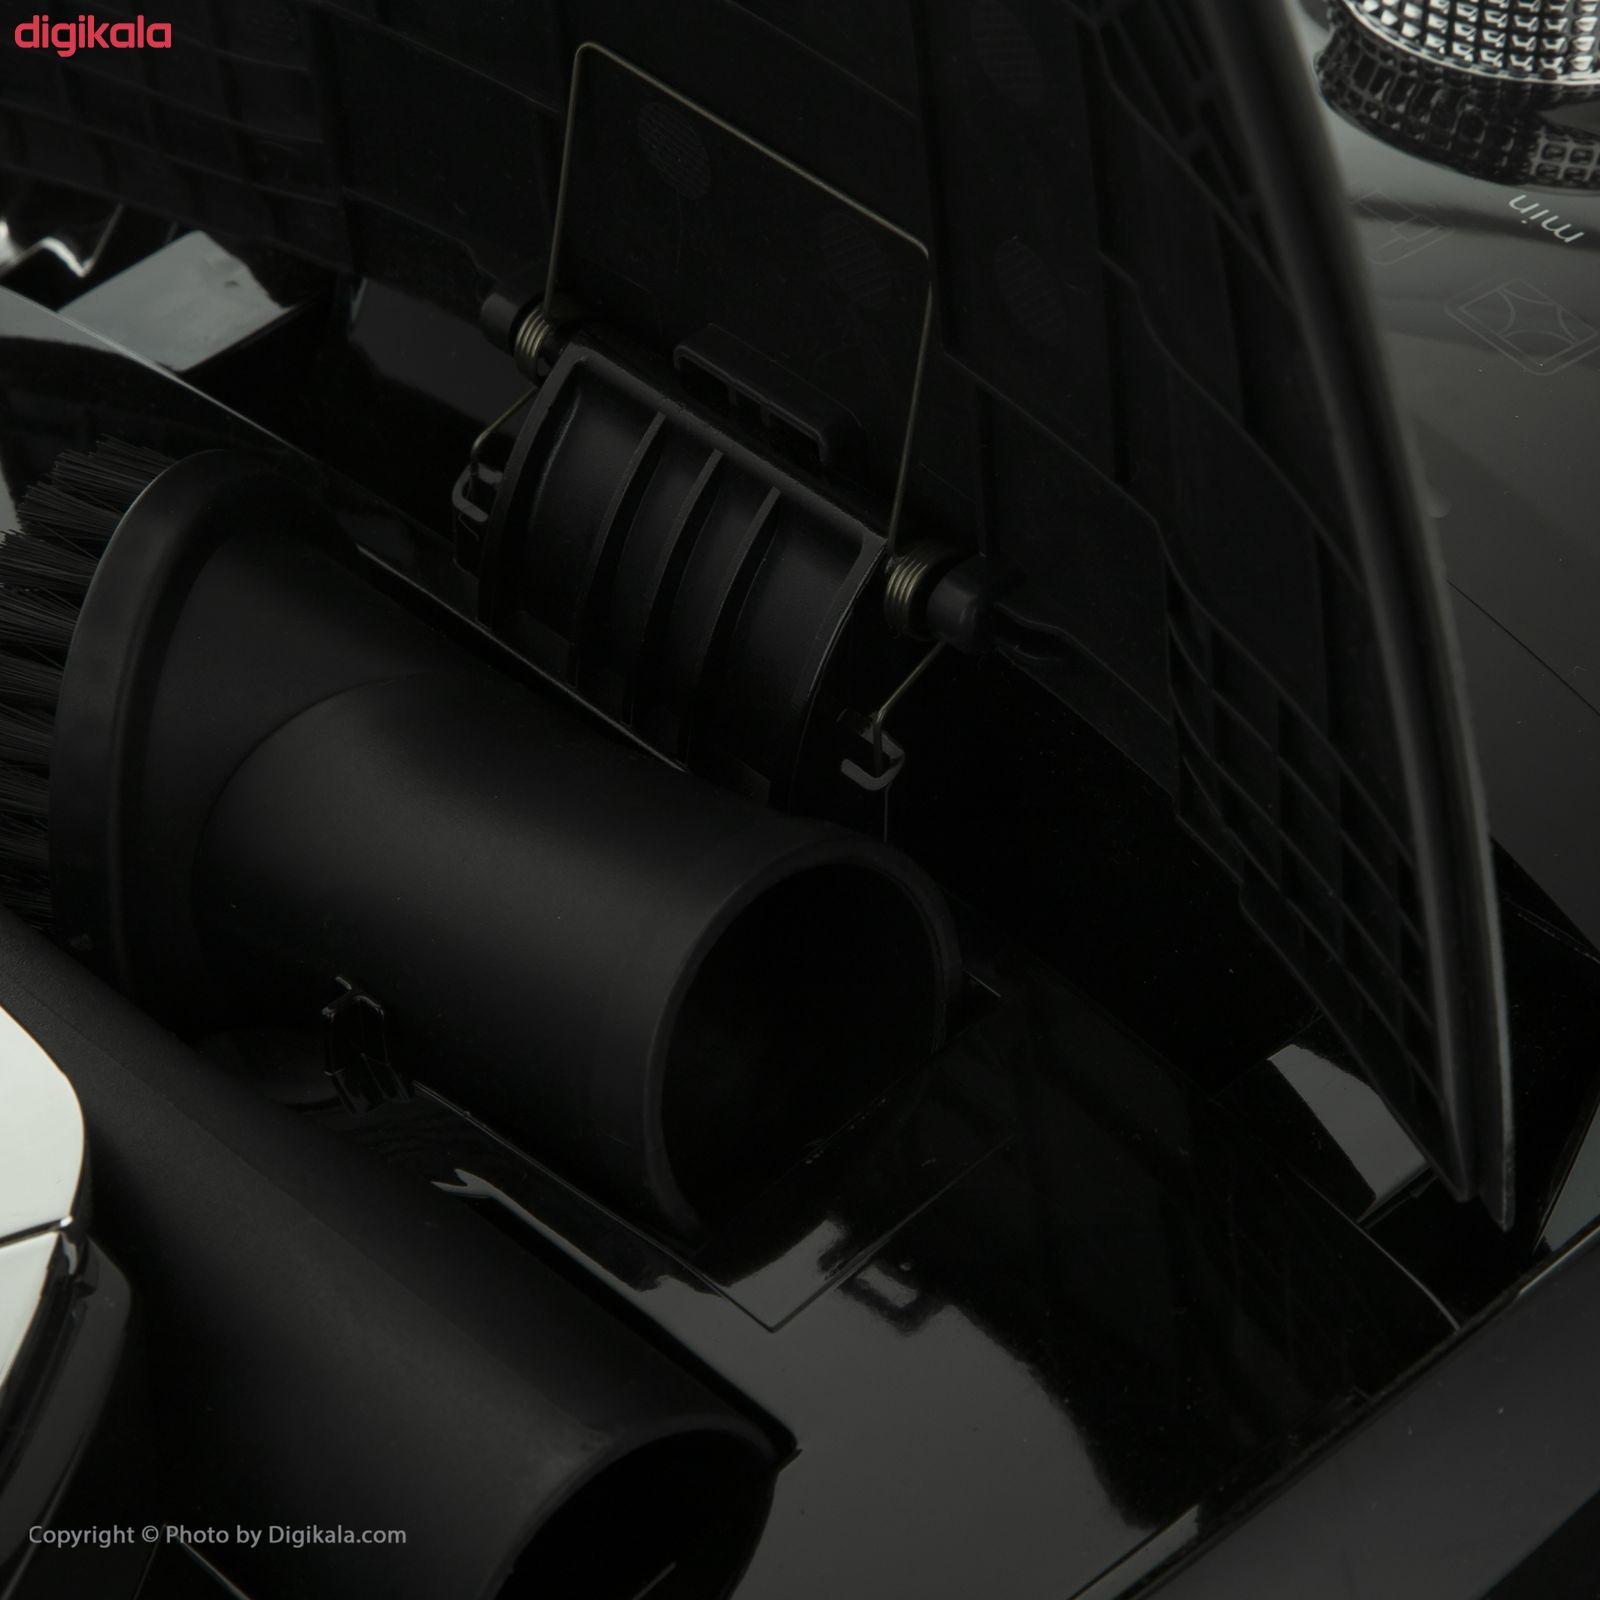 جاروبرقی سان لوکس مدل vc-2020vs main 1 10